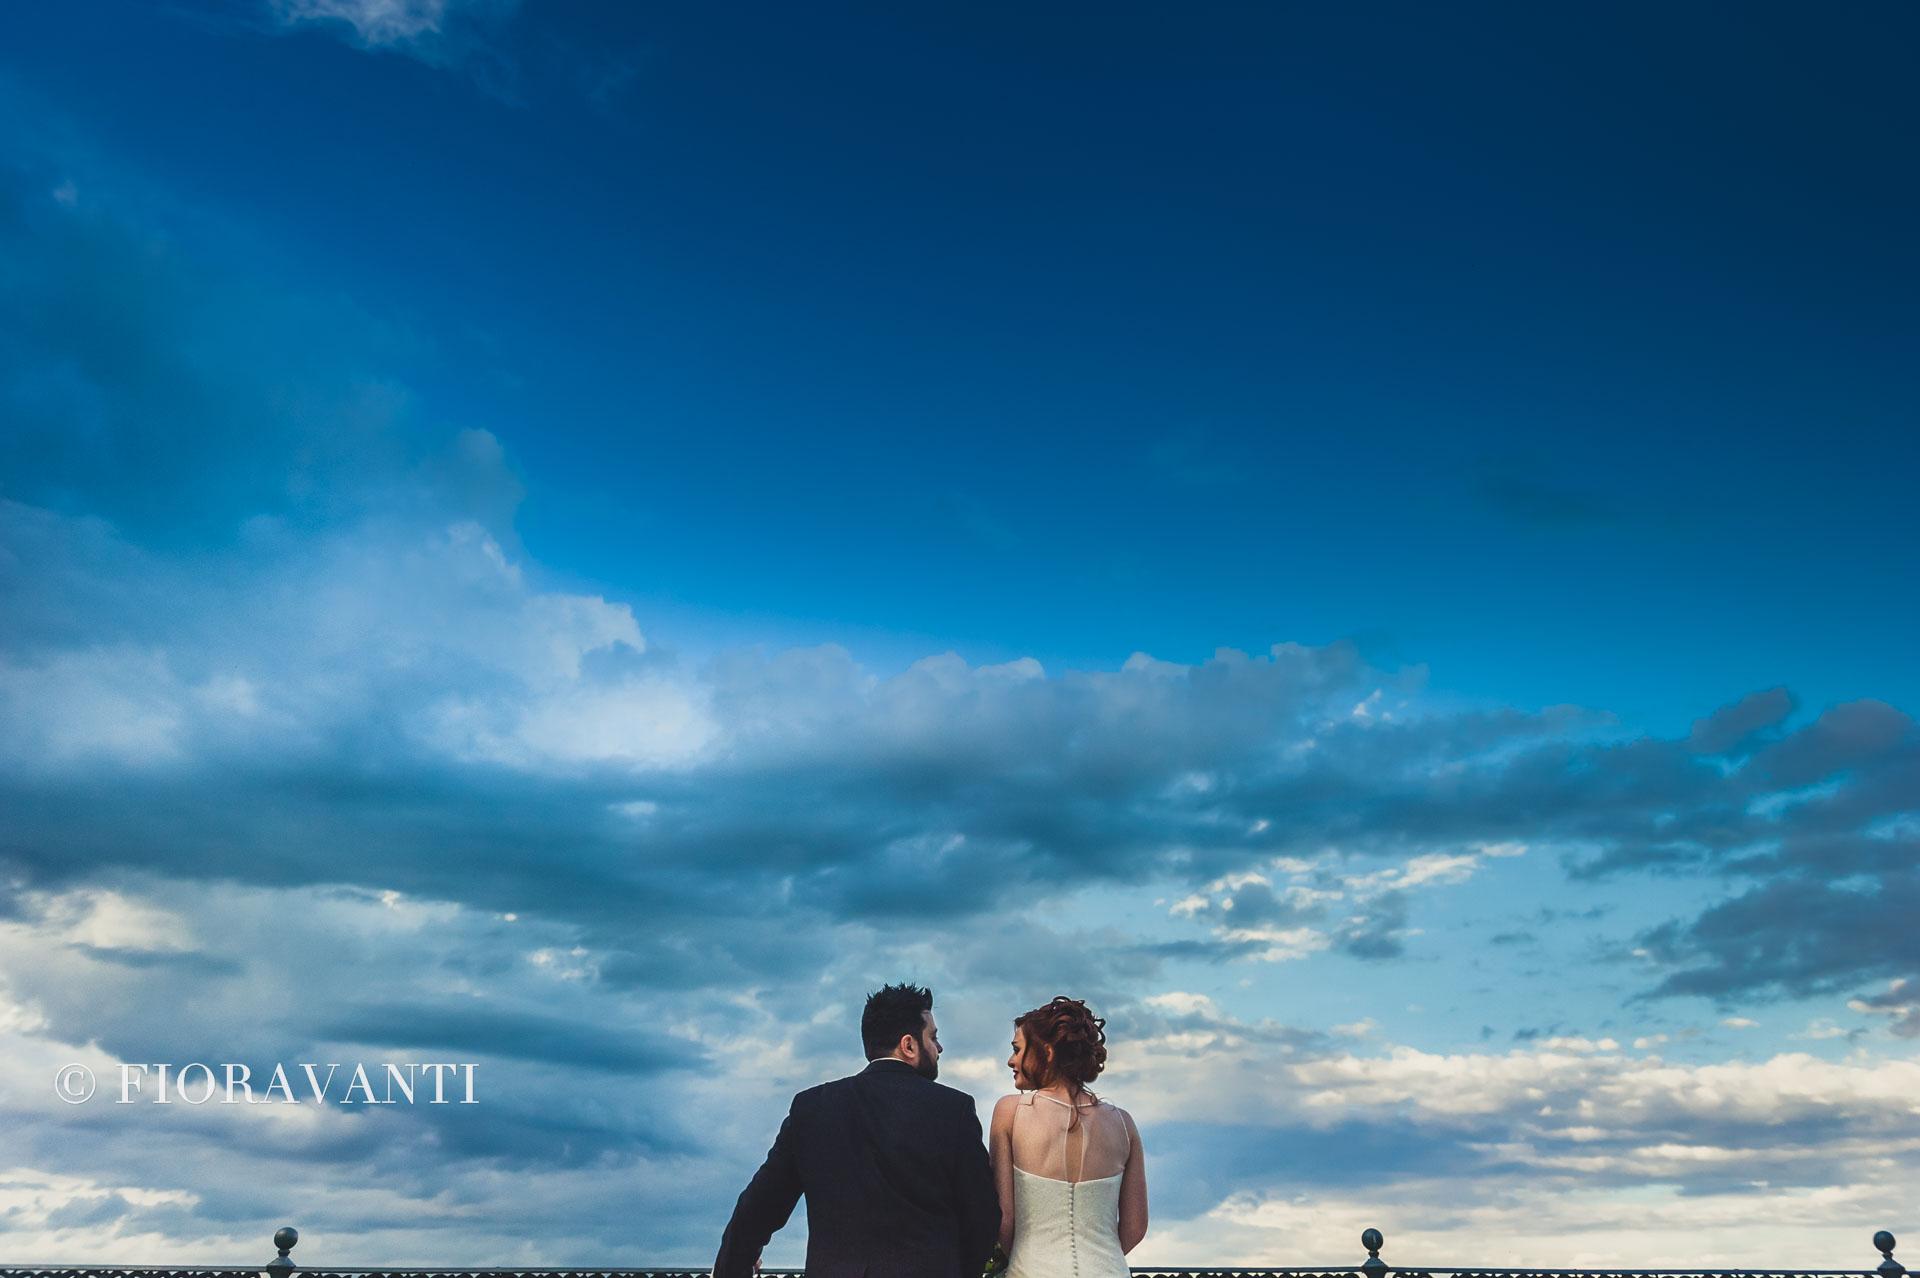 studio fotografico ascoli piceno studio fotografico fioravanti livio fioravanti fotografo matrimonio  ascoli piceno fotografo ascoli 35